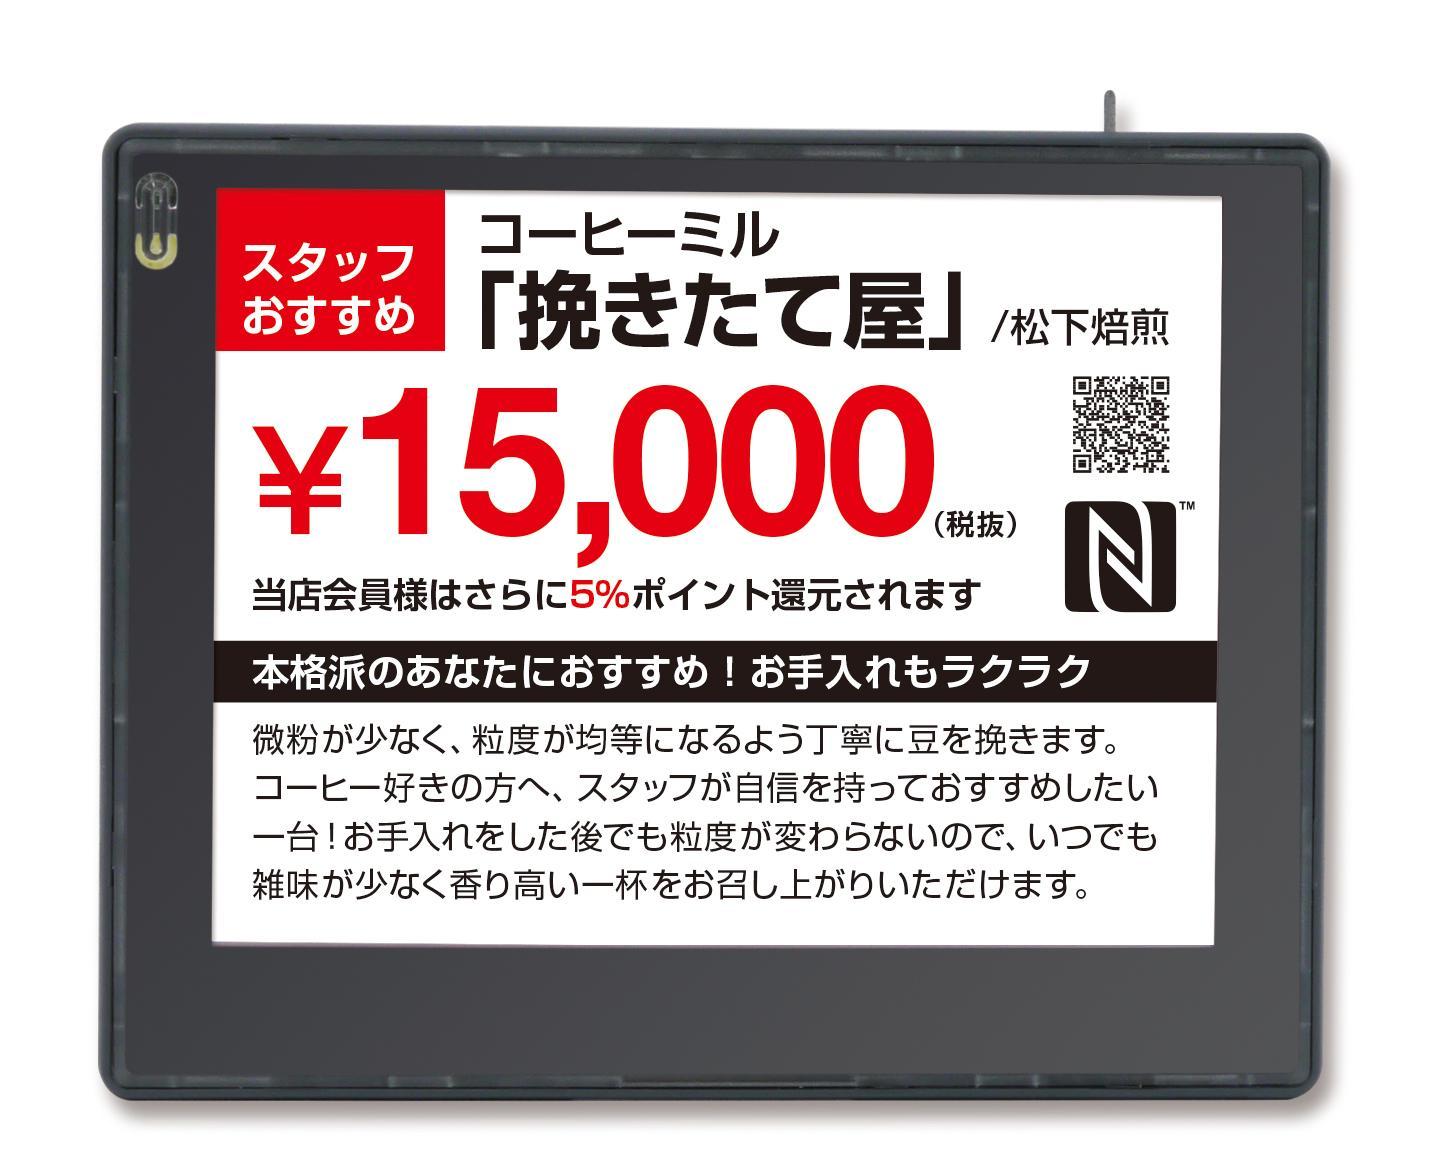 電子棚札ソリューションの新モデル G2シリーズ(2018年夏 発売予定)